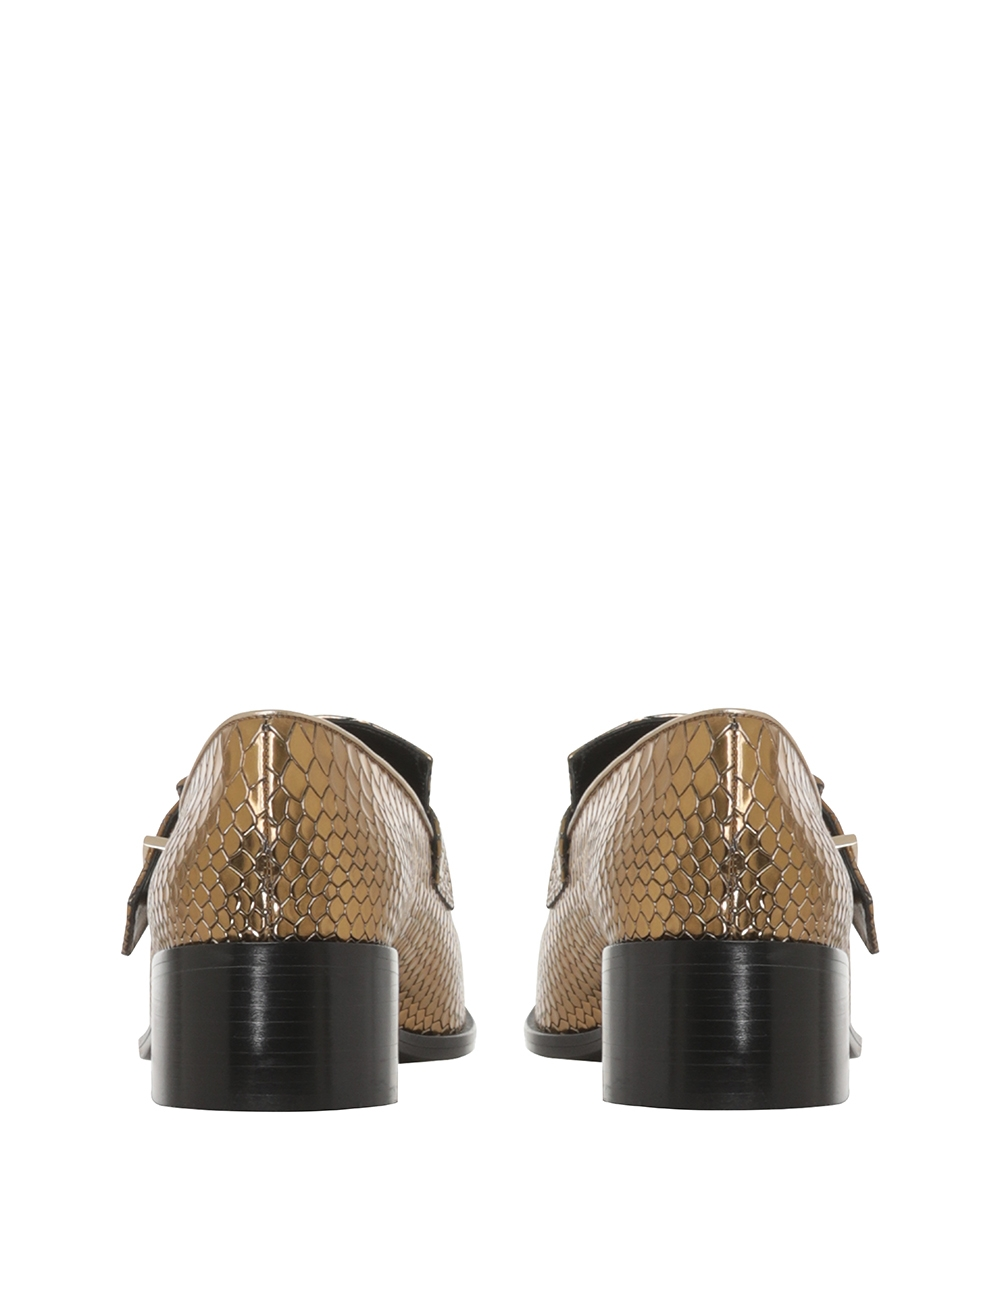 Buckled Loafer